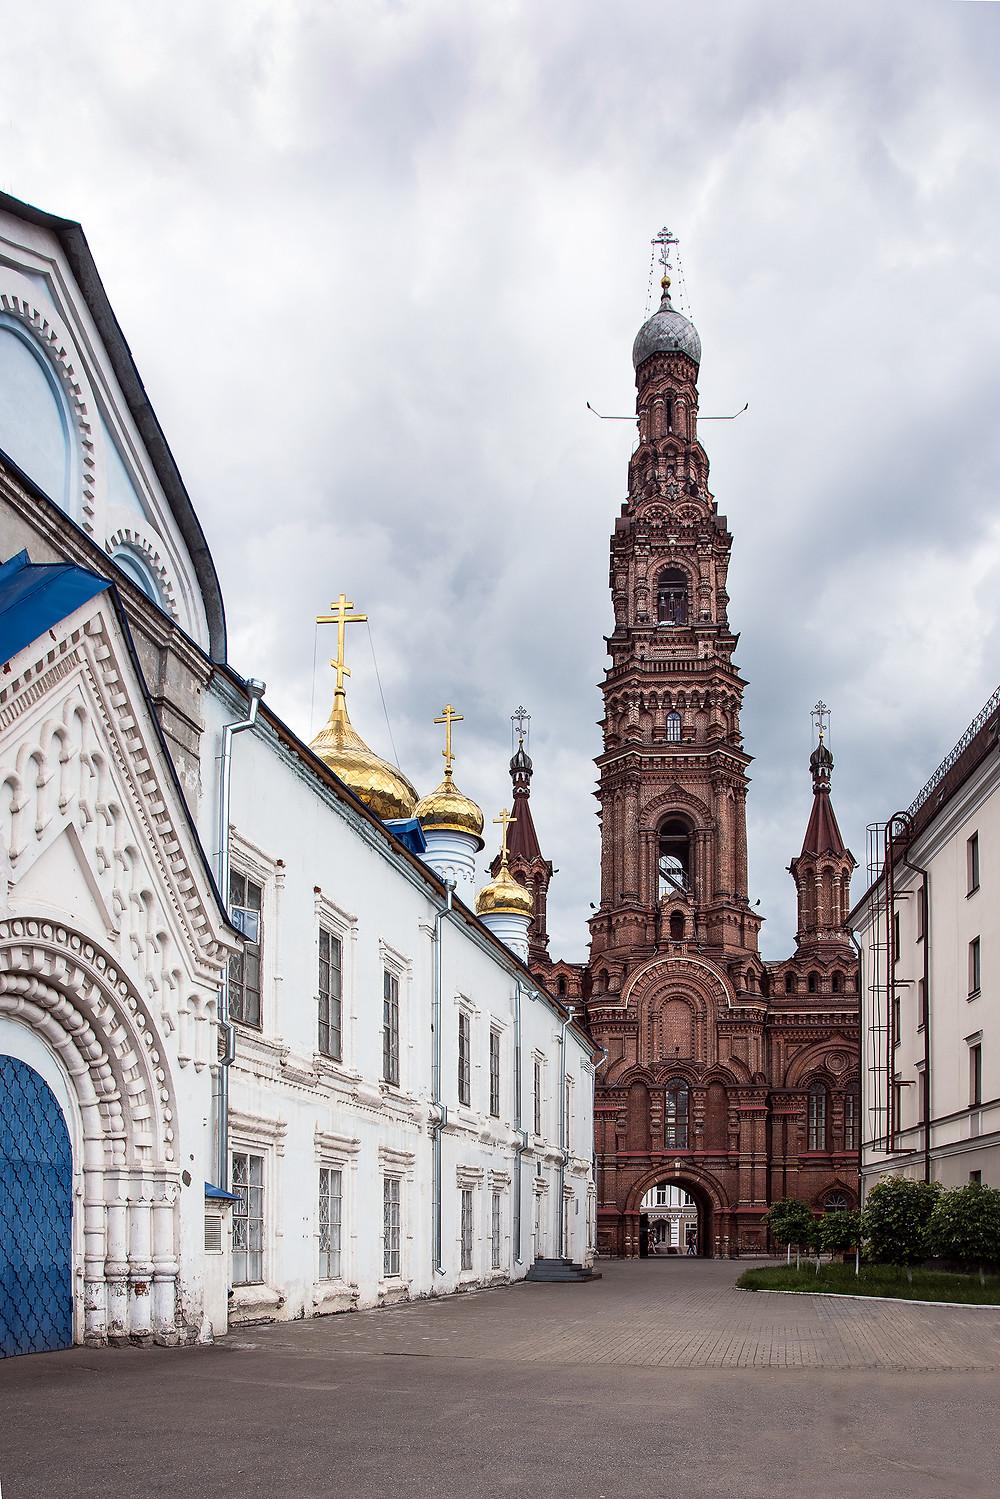 Богоявленский собор и колокольня. Вид с внутреннего двора